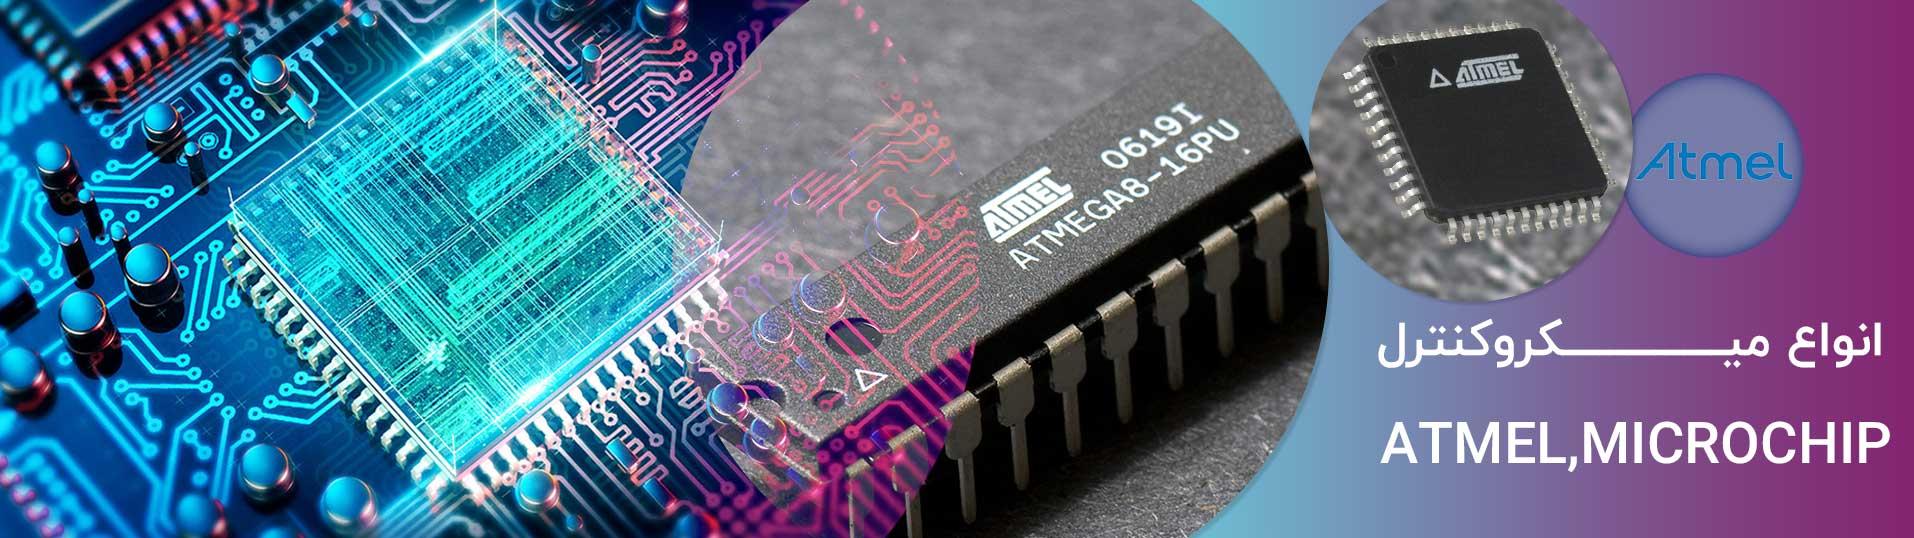 انواع میکرو کنترلر اتمل - فراالکترونیک